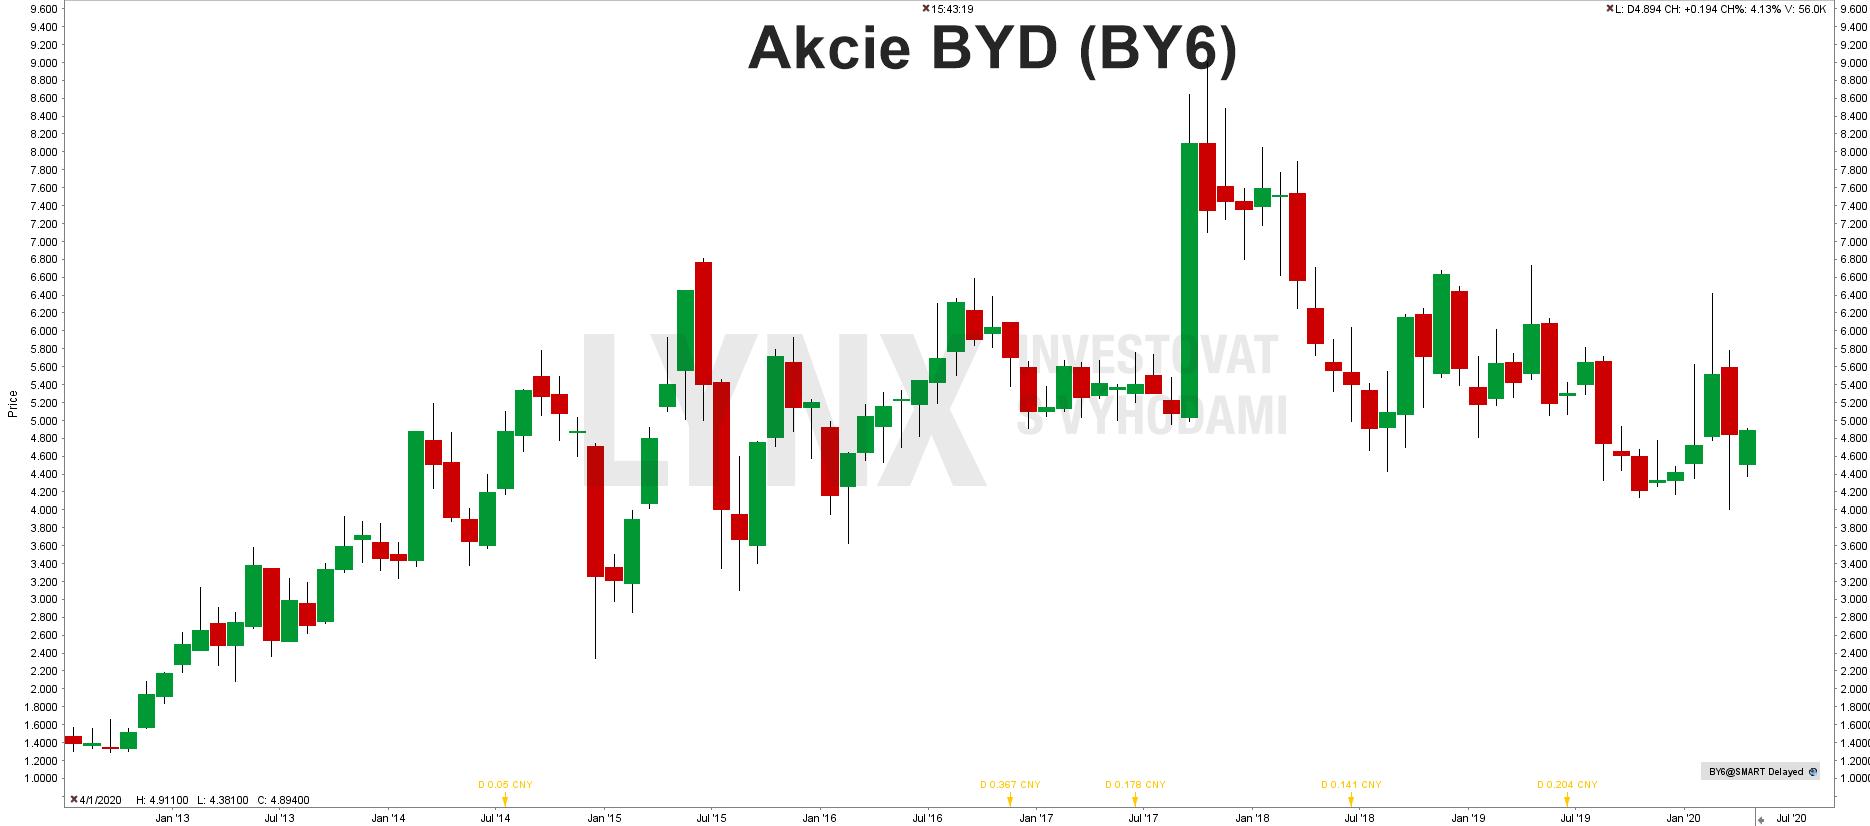 Graf akcie BYD